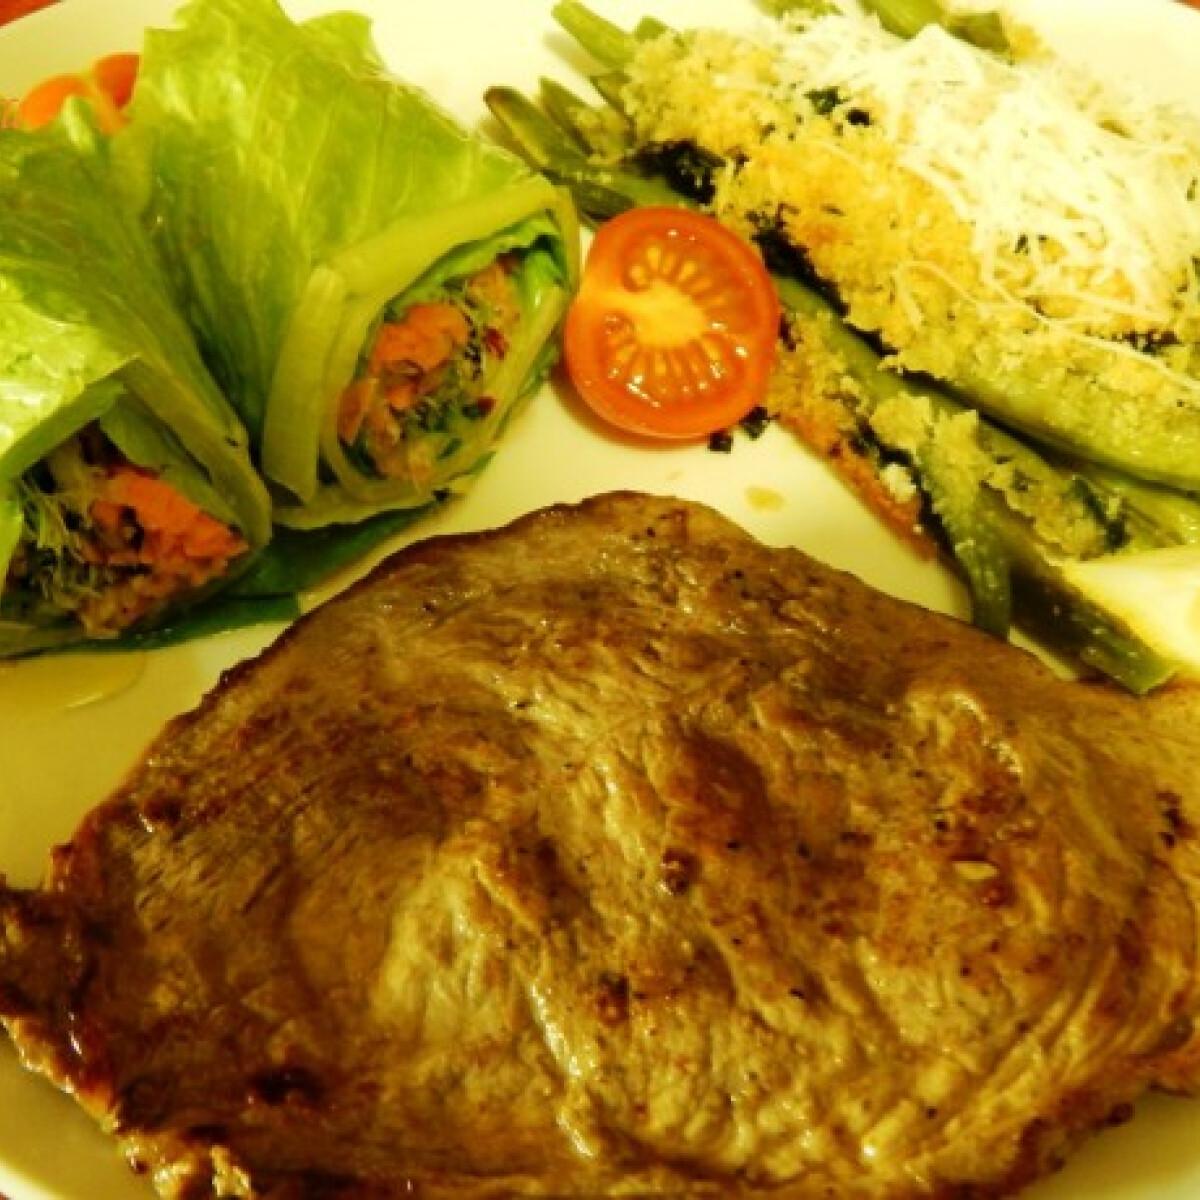 Citromos borjúszelet parmezánmorzsás zöldbabbal és salátatekerccsel